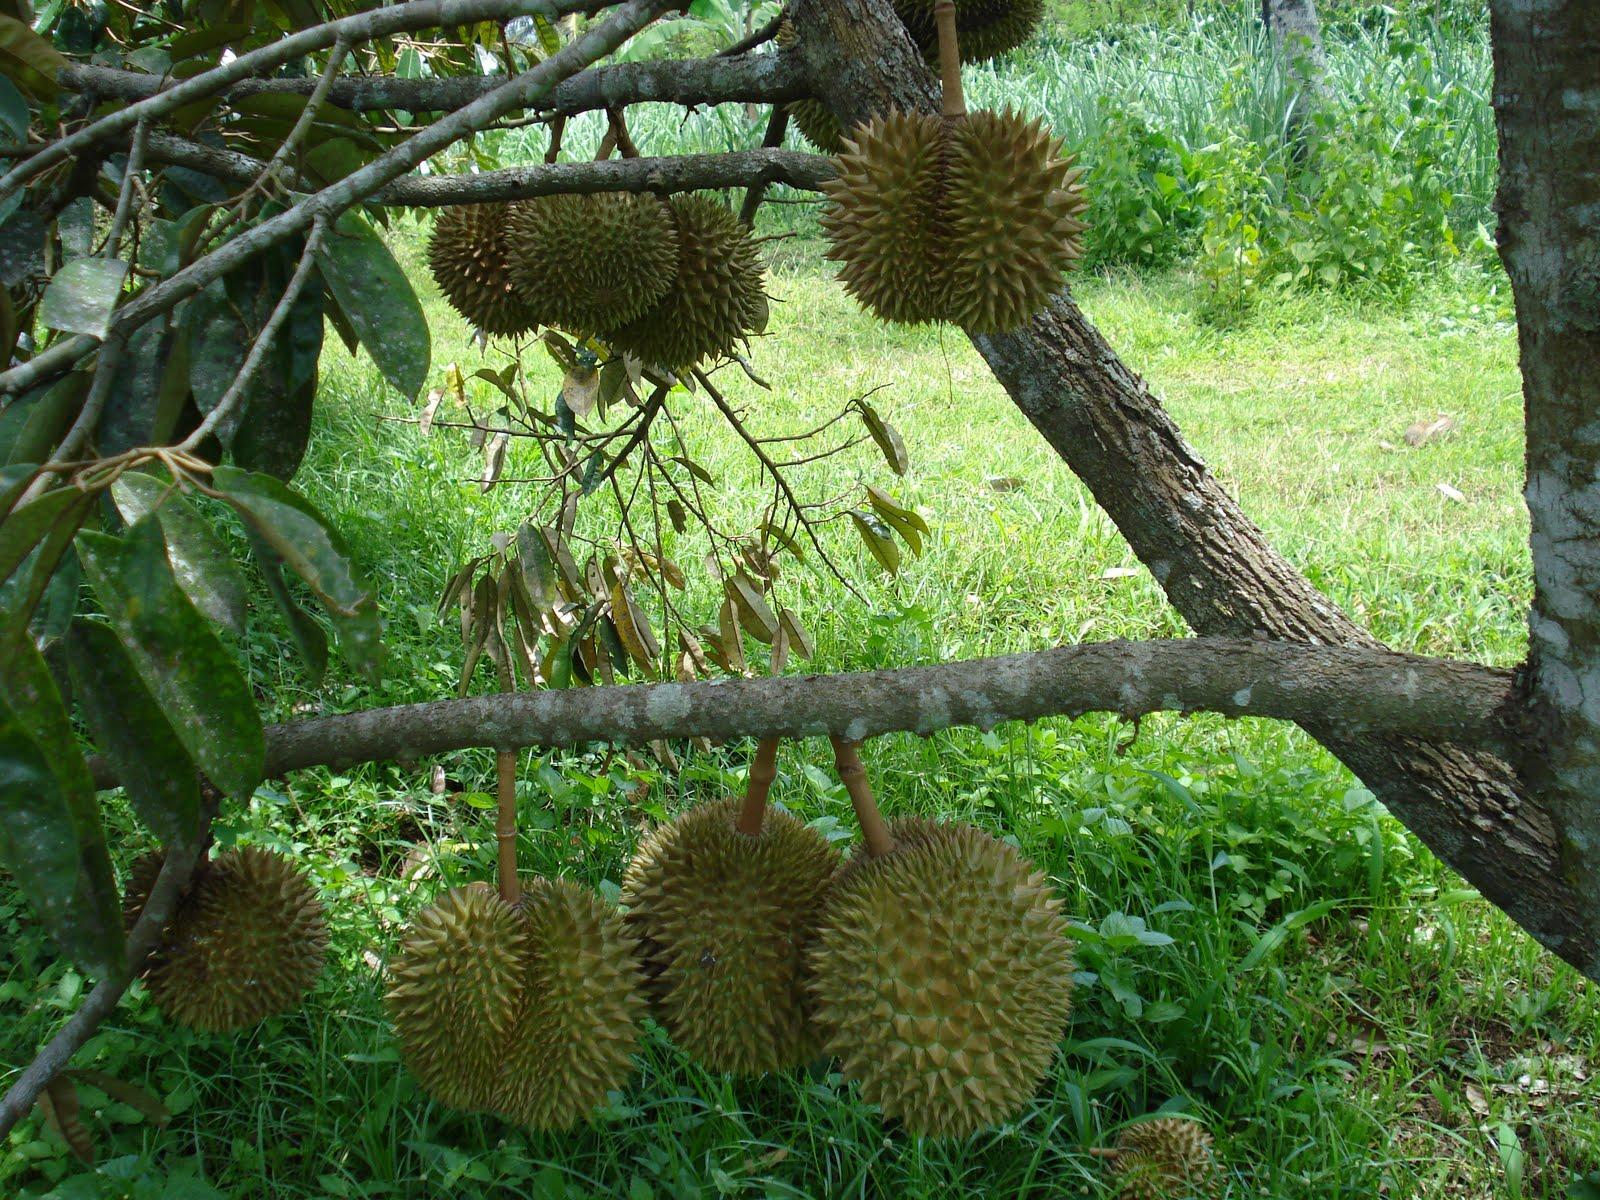 http://1.bp.blogspot.com/-lAZbuZUbPms/TcAgJ7CfKkI/AAAAAAAAAsE/3Zl66jASzxw/s1600/durian+montong+3.jpg